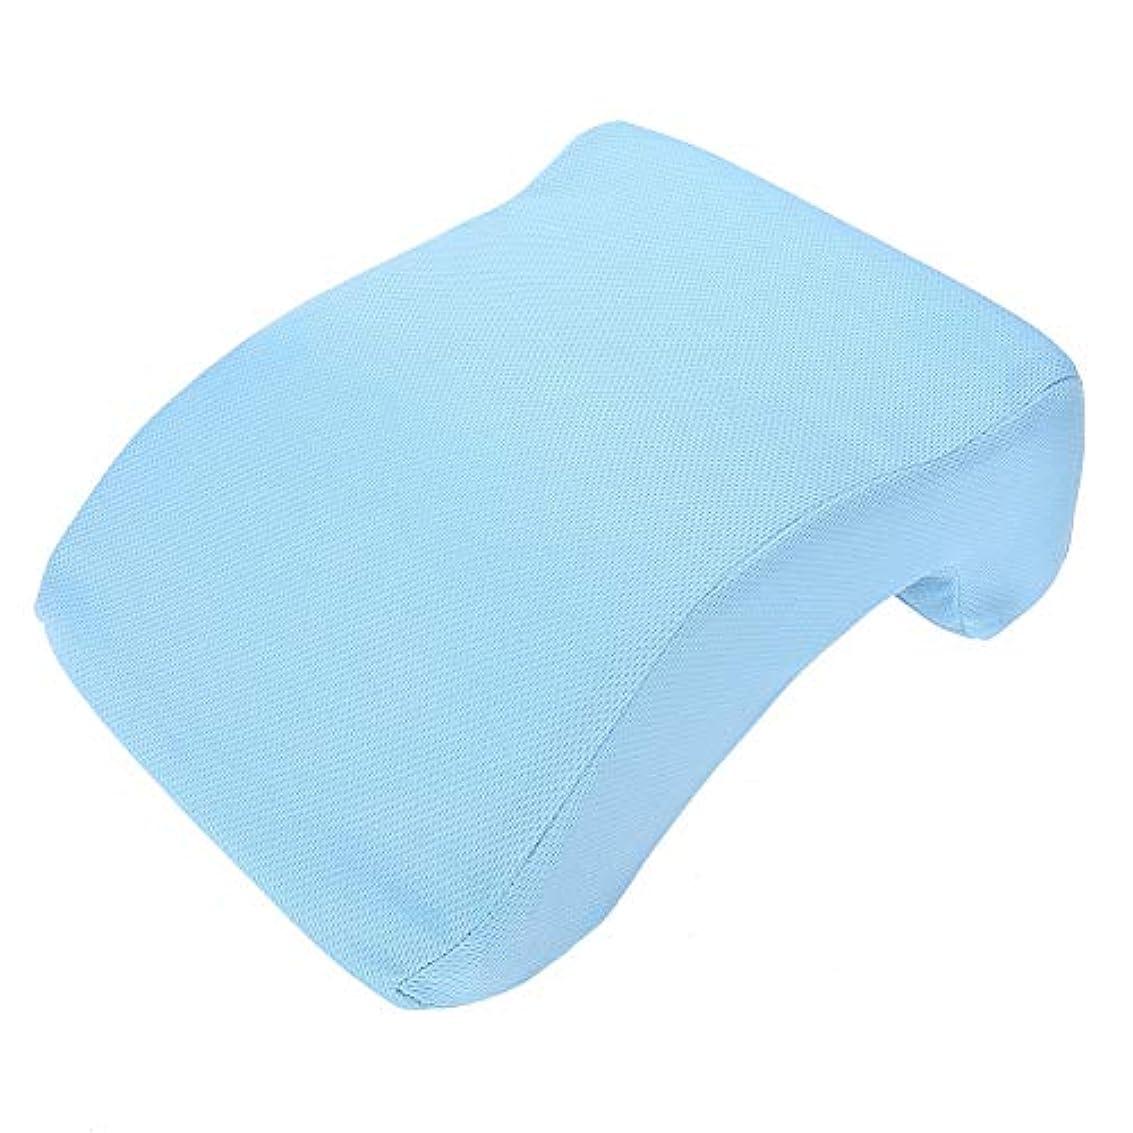 雪キャンバス適合しました低反発まくら ピロー マッサージ枕 首?頭?肩をやさしく支える 安眠枕 快眠グッズ 柔らかい 洗えるやすい